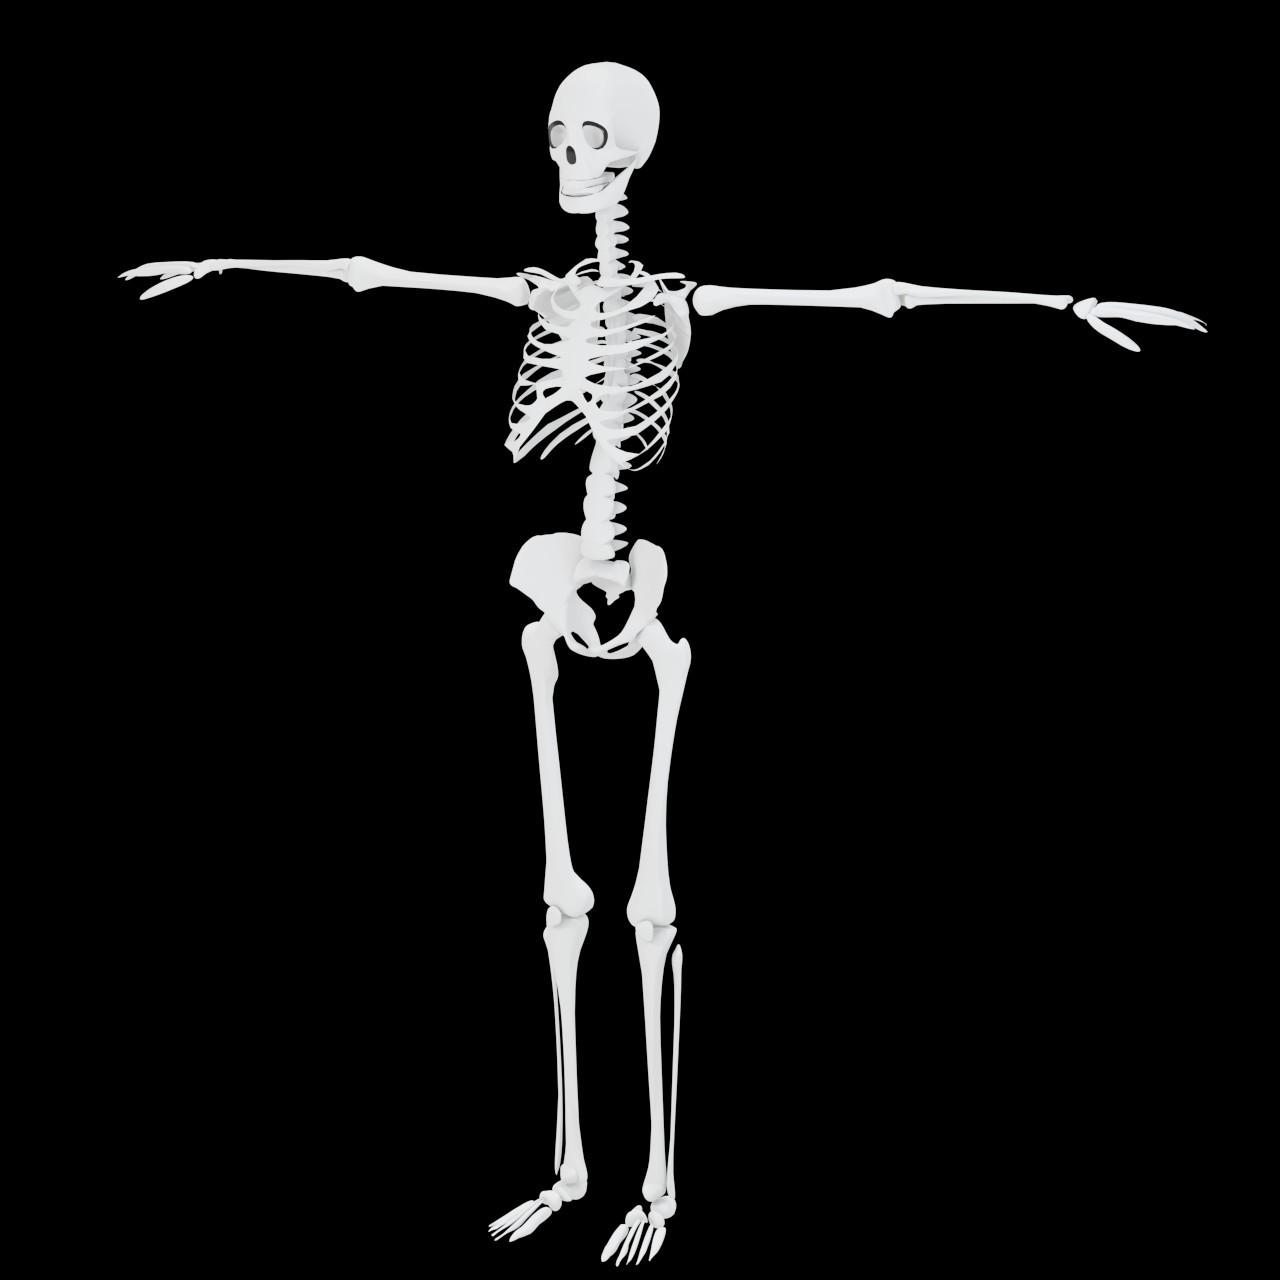 Long-Shot-Skeleton-Feet---Screen-00.jpg